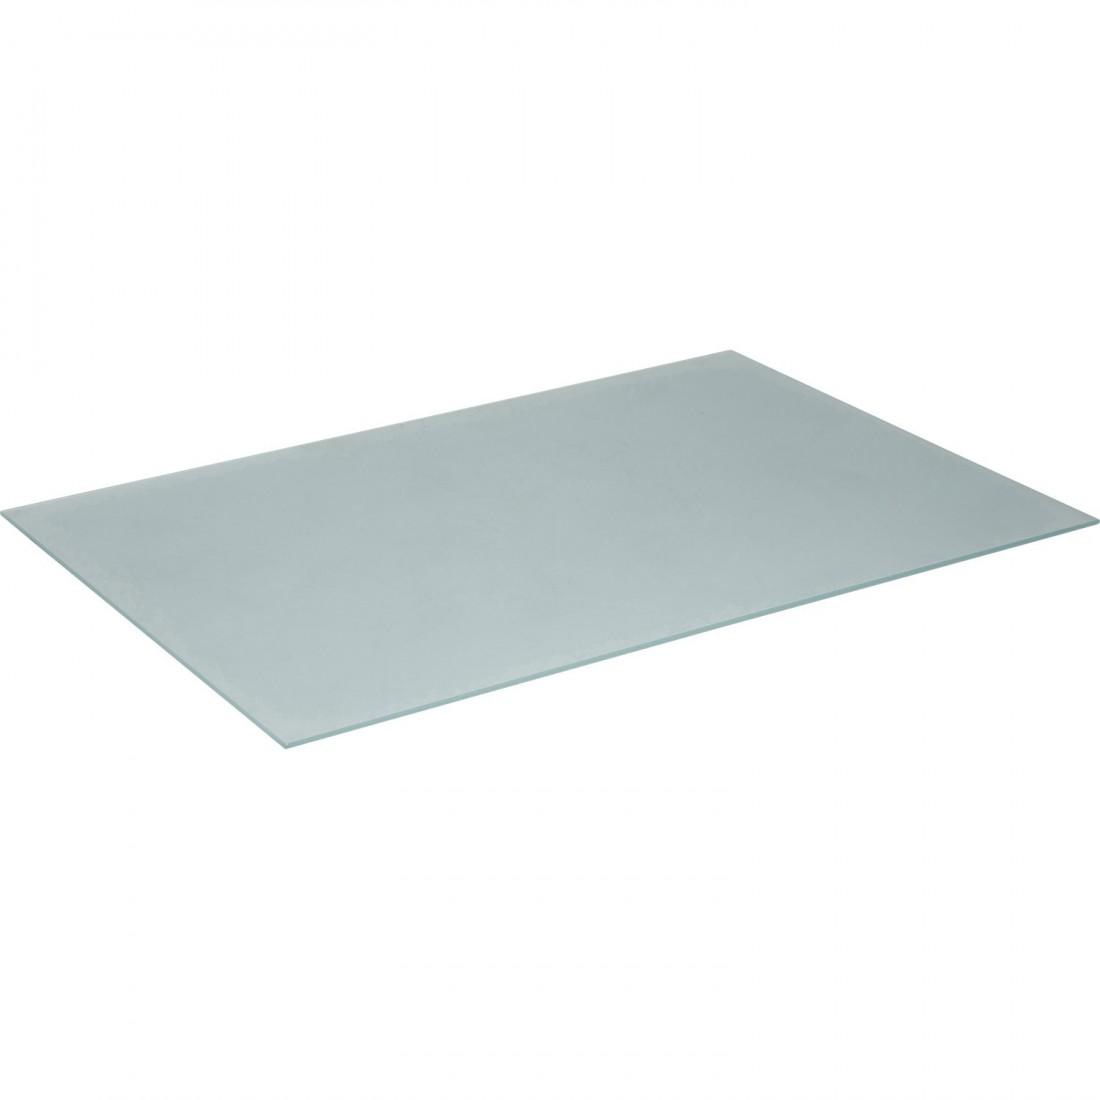 table basse verre 60x60. Black Bedroom Furniture Sets. Home Design Ideas